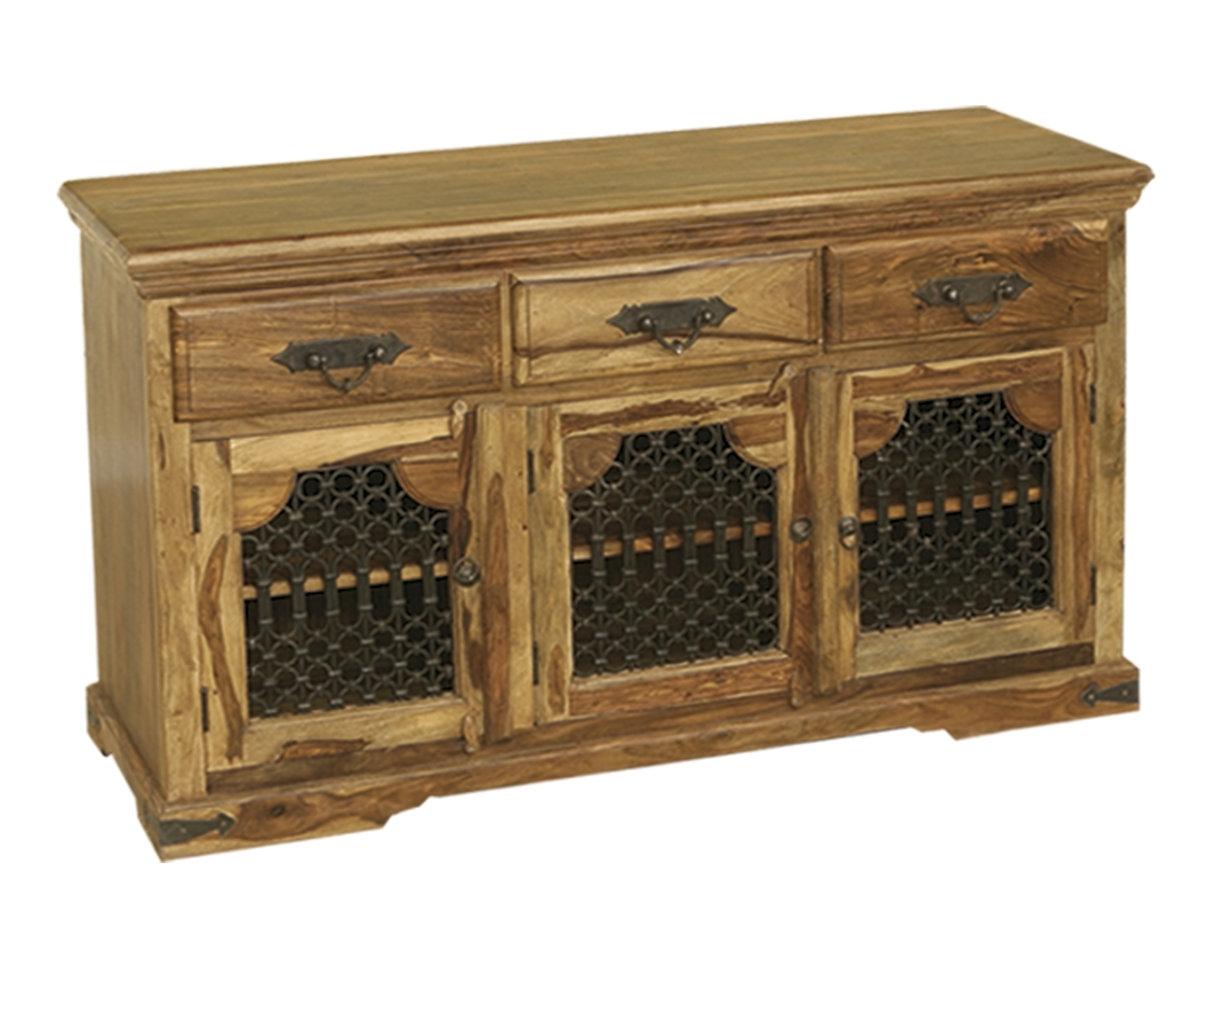 Jali - Quality Indian And Oak Furniture inside 4-Door/4-Drawer Cast Jali Sideboards (Image 11 of 30)